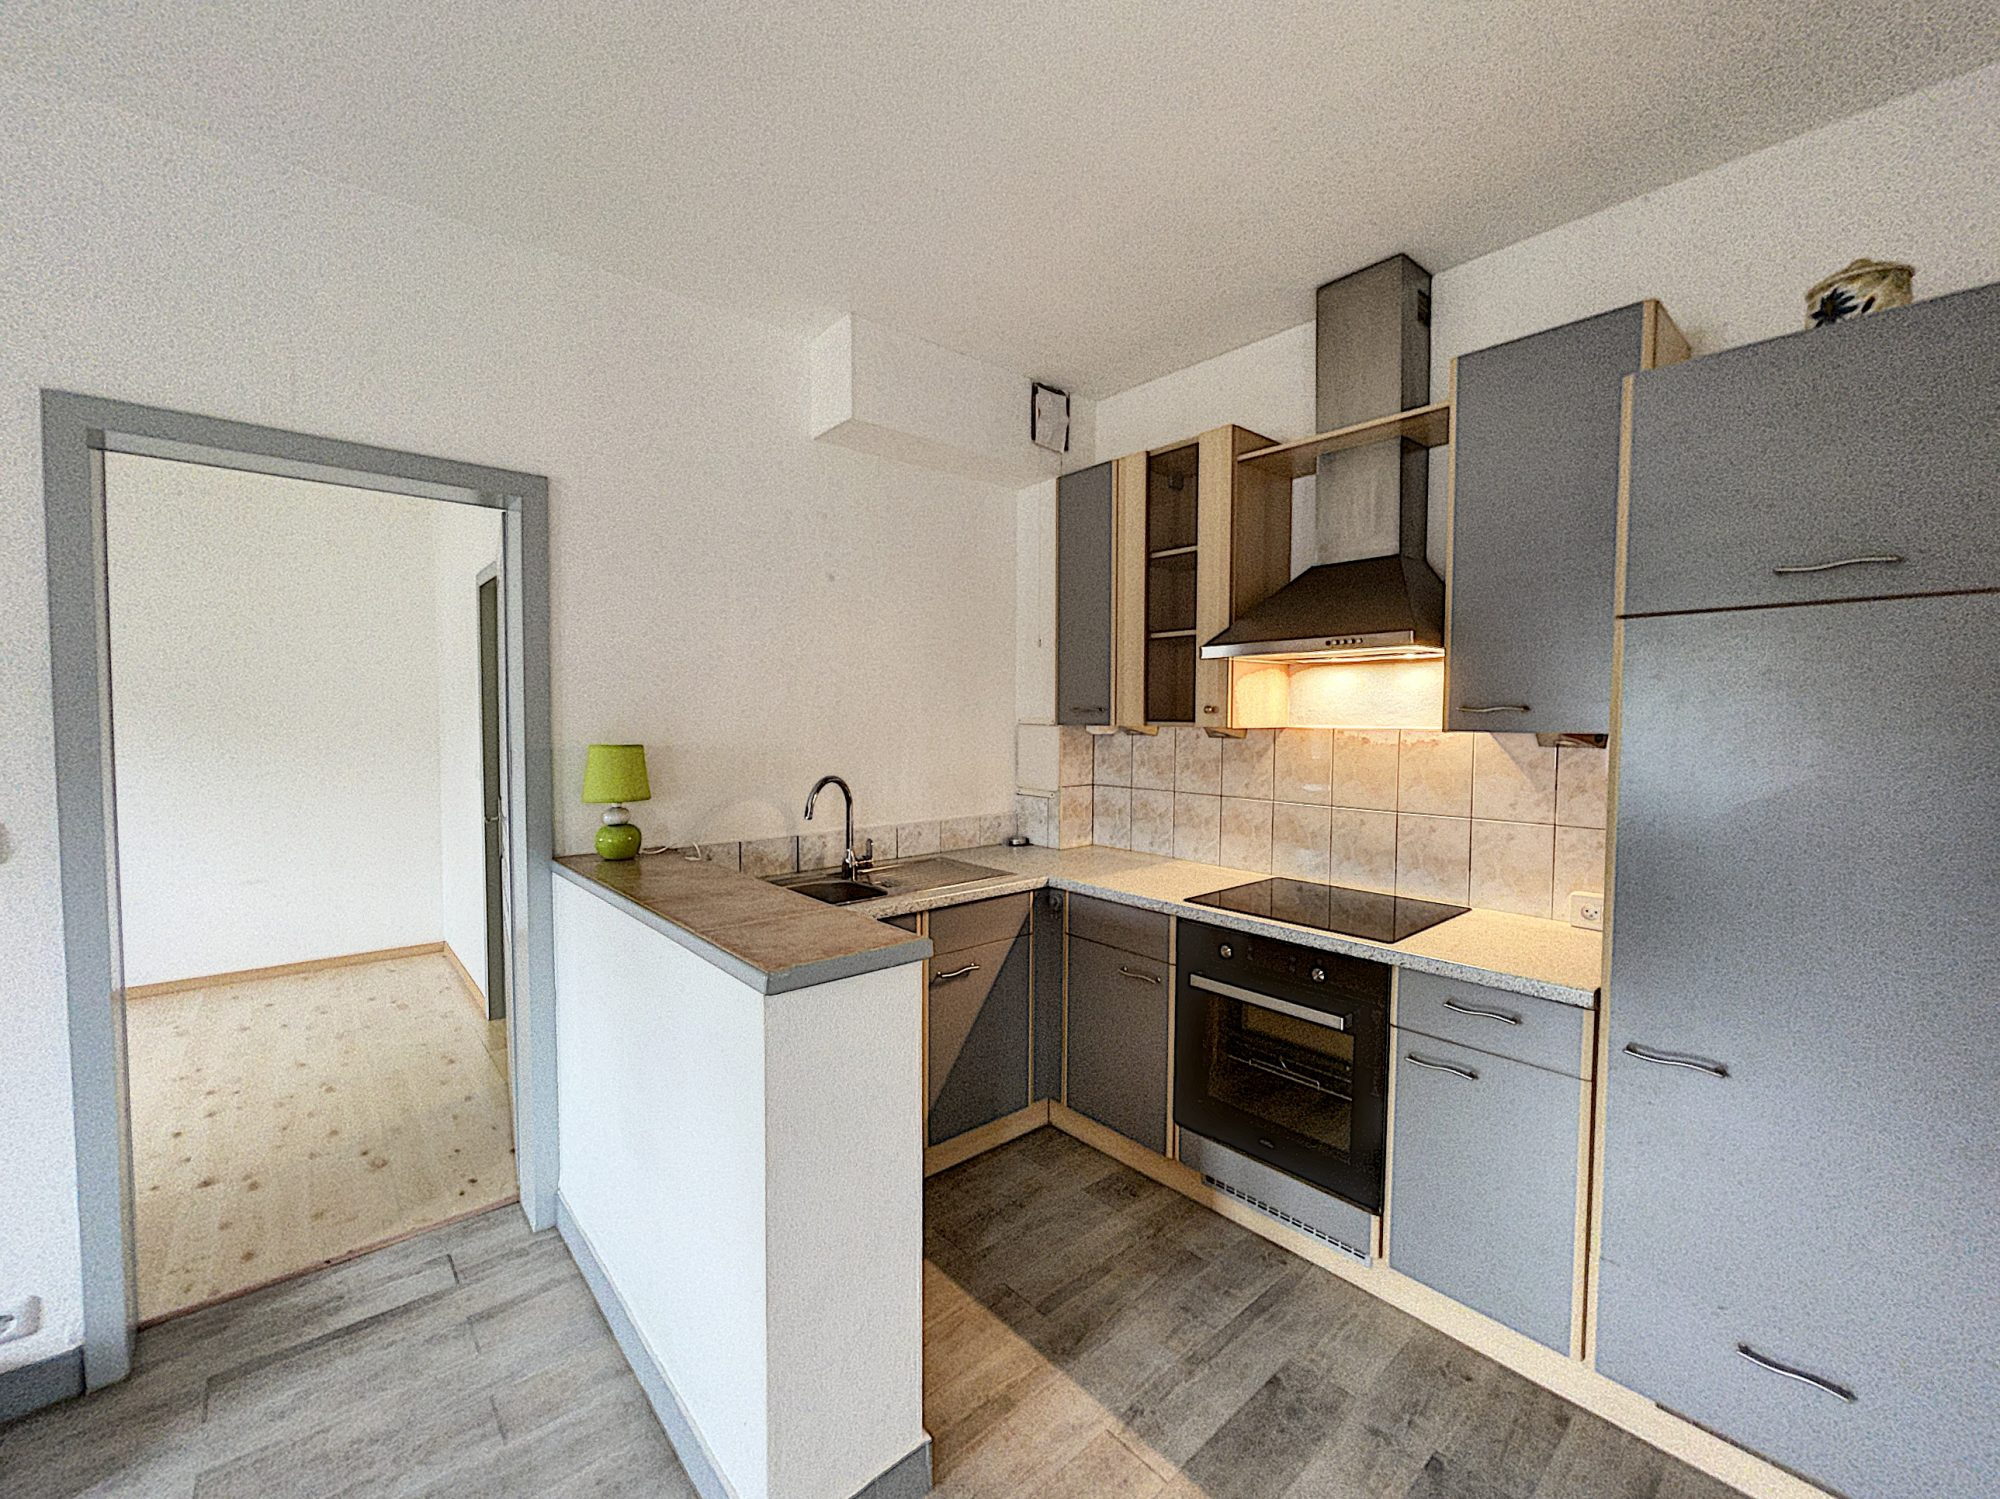 WOLFISHEIM - Appartement 2 pièces de 50,89m² pkg et cave